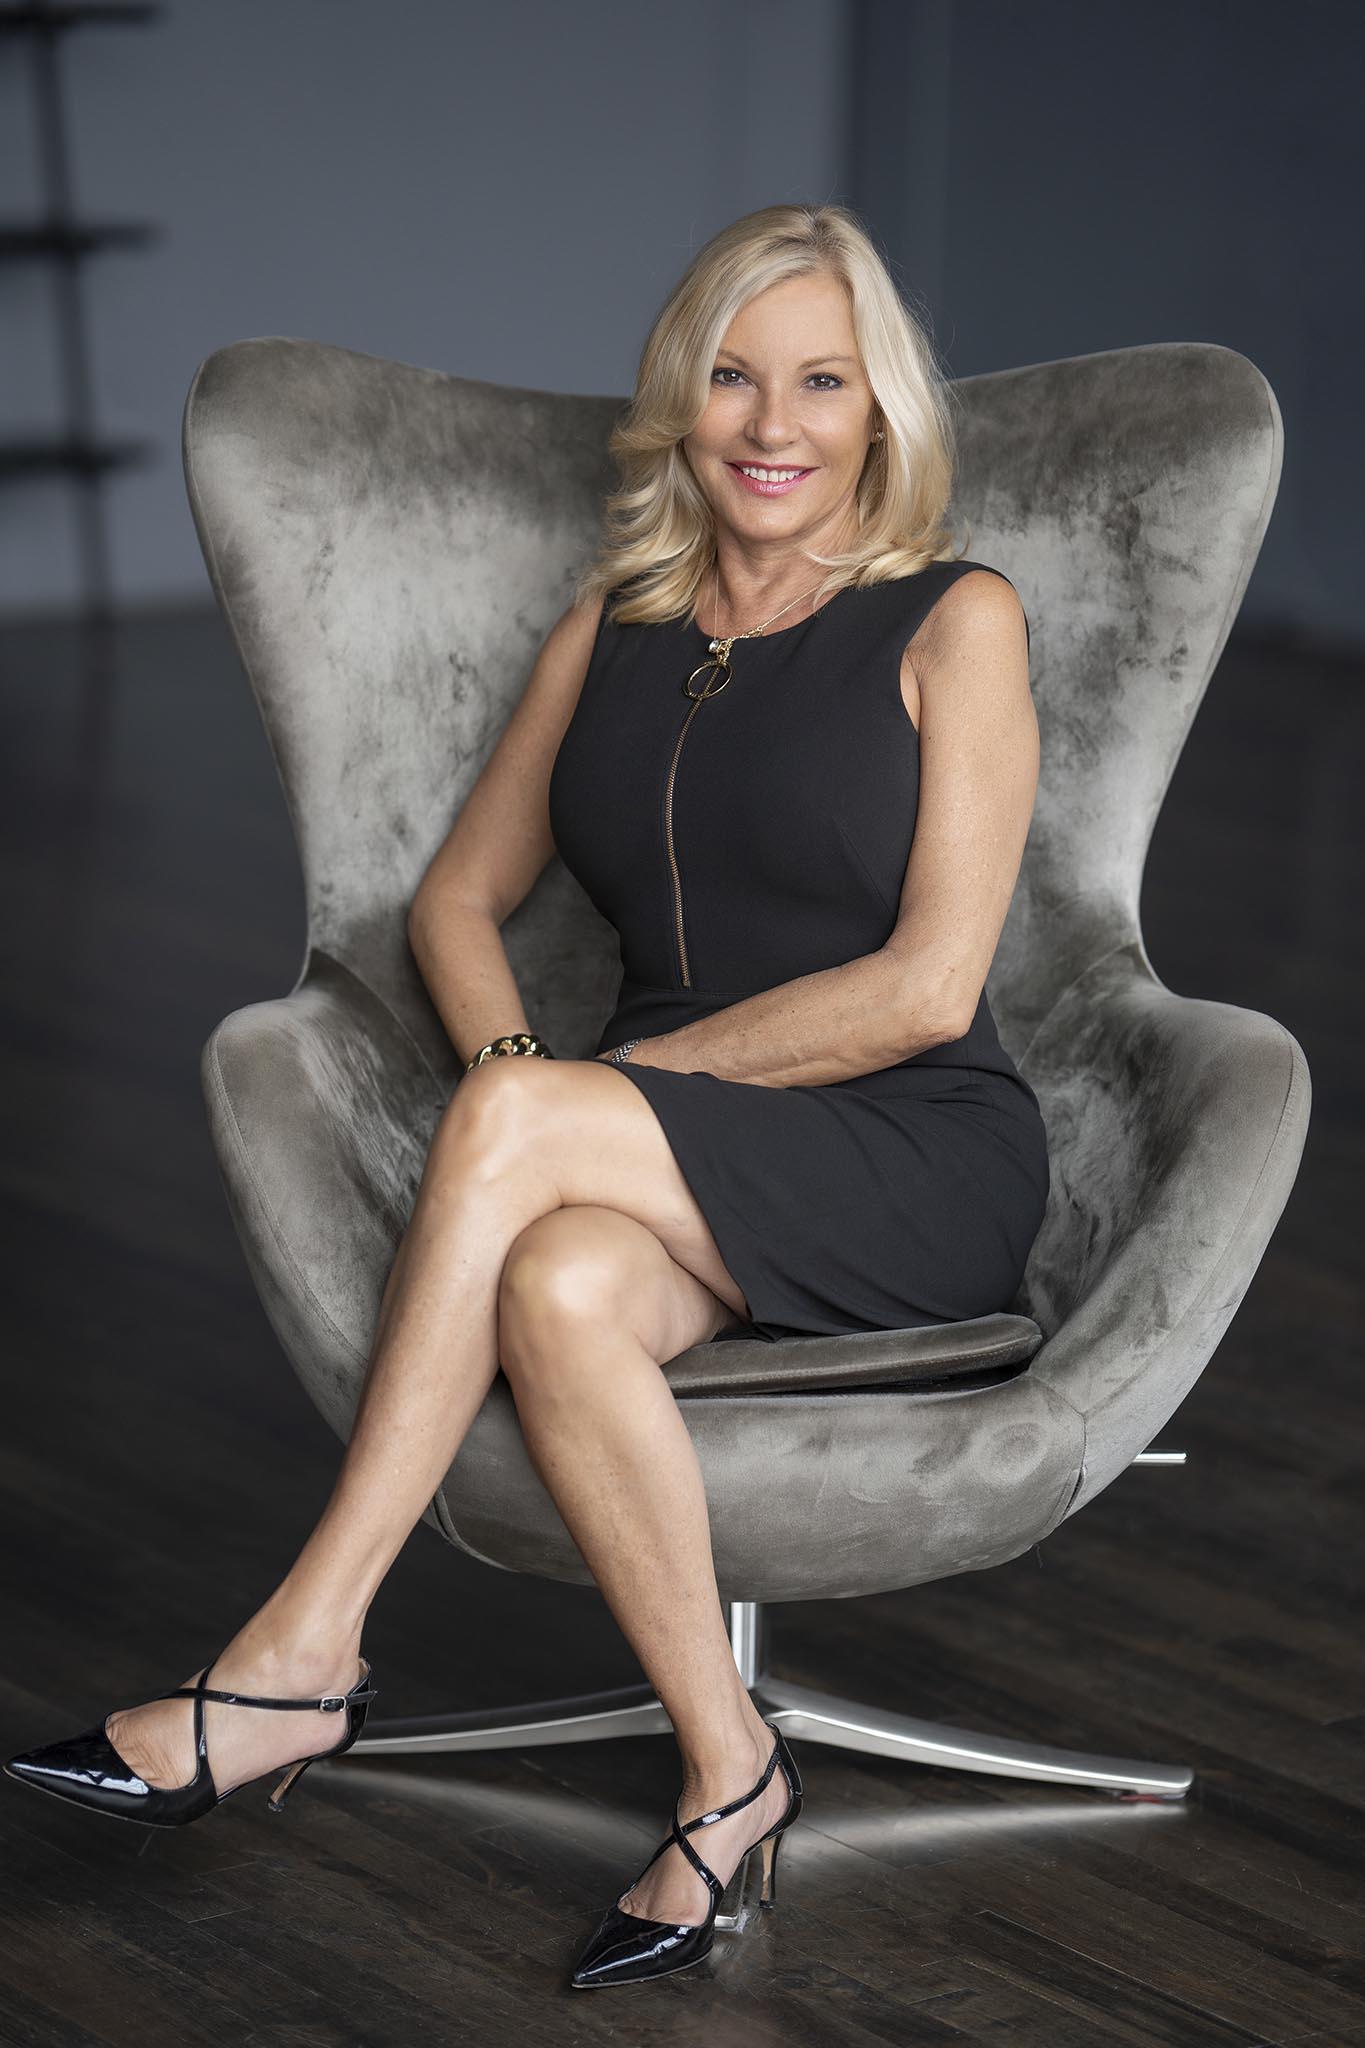 Photo of Joette Fielding